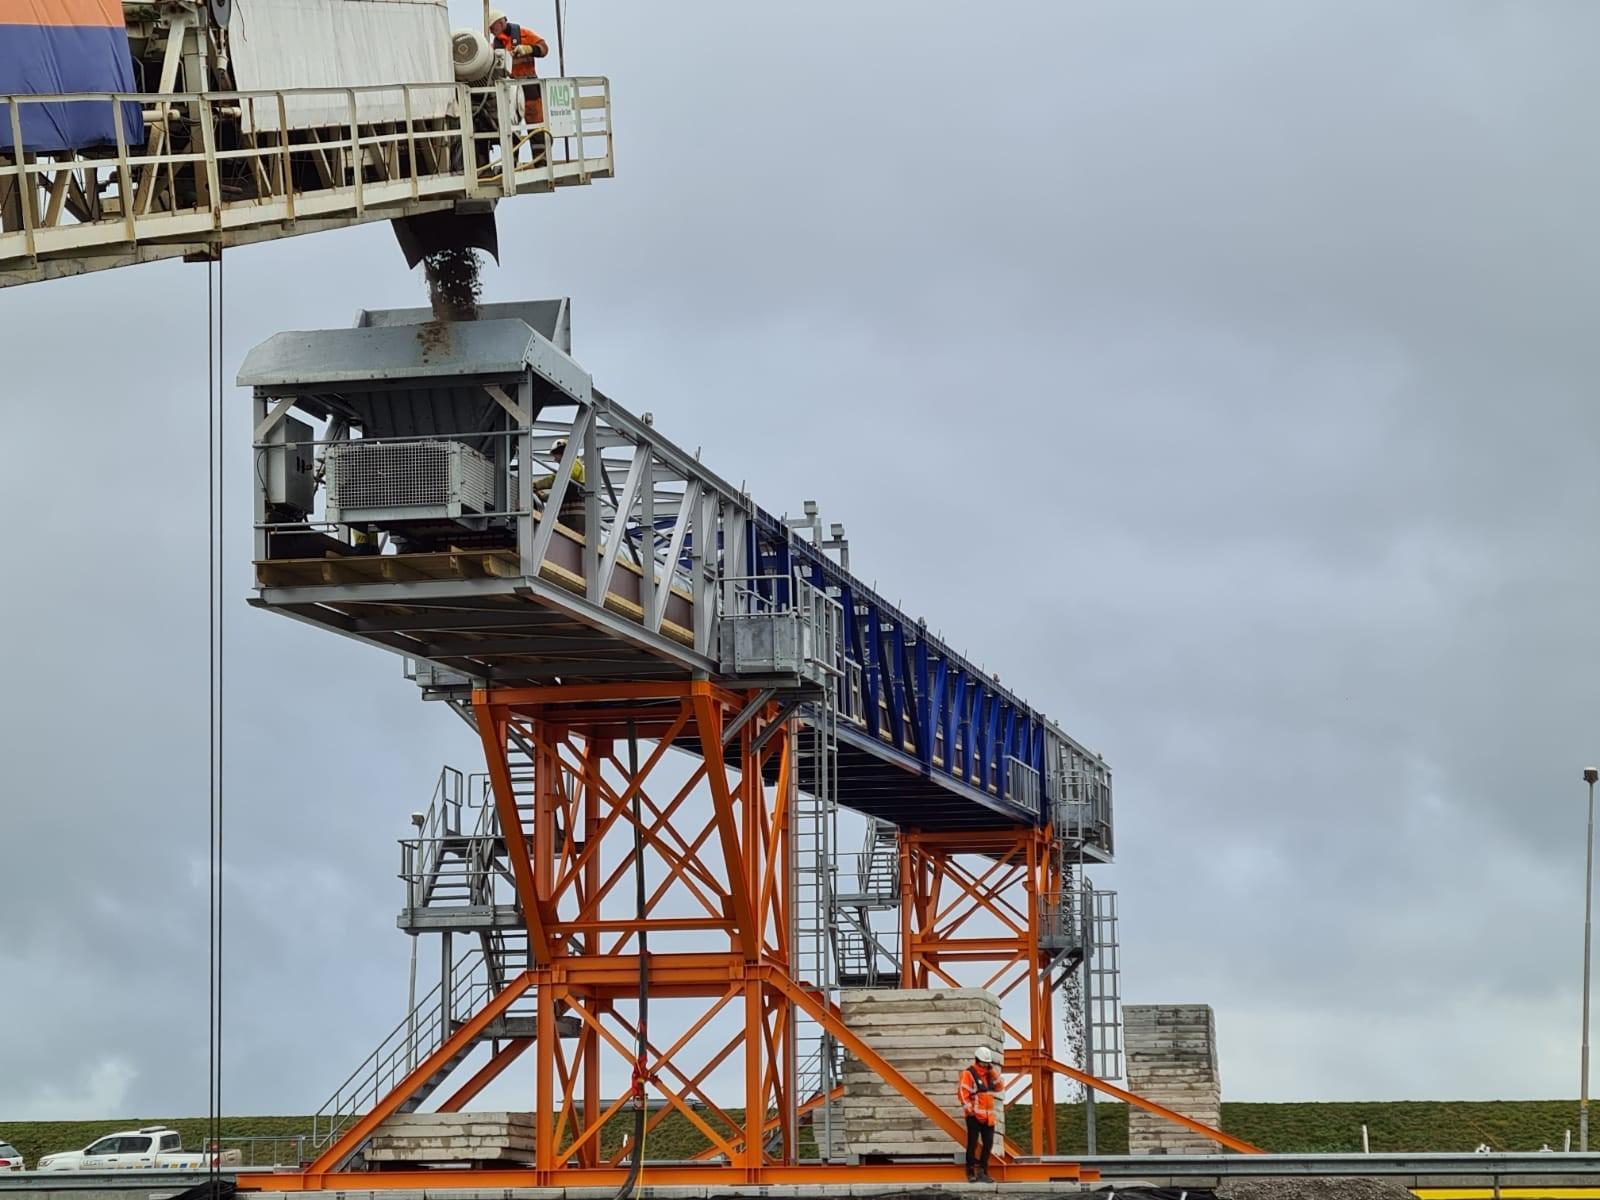 Zand voor versterking Afsluitdijk via transportband de snelweg over. Deze methode voorkomt vierduizend scheepsbewegingen langs de sluizen in de dijk